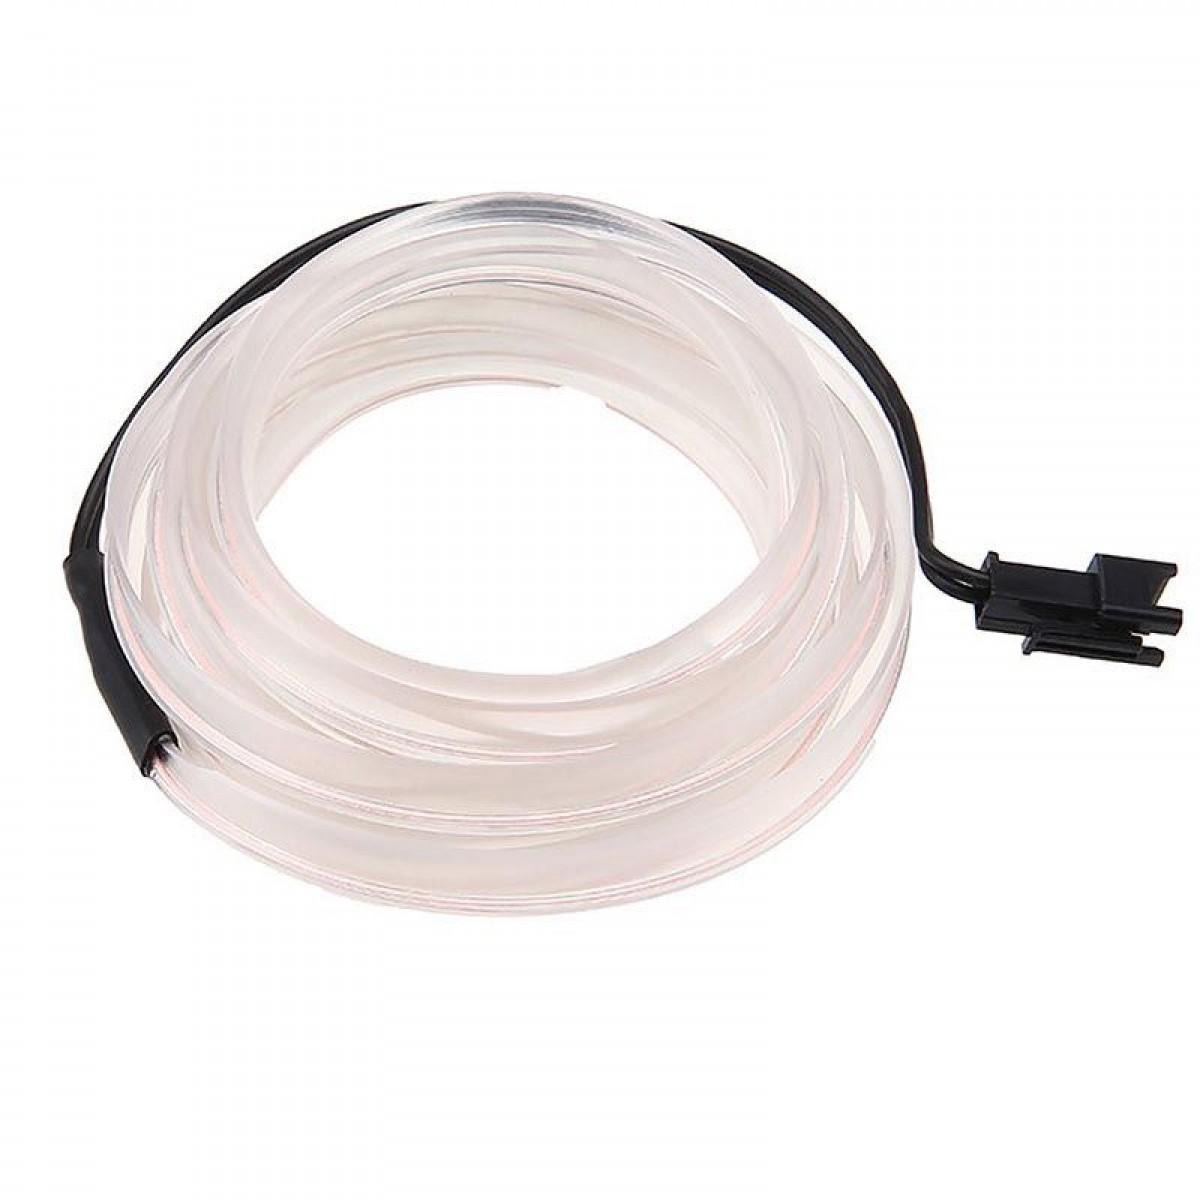 Εύκαμπτο LED καλώδιο 2m για την εσωτερική διακόσμηση κάθε αυτοκινήτου - El wire- ΛΕΥΚΟ